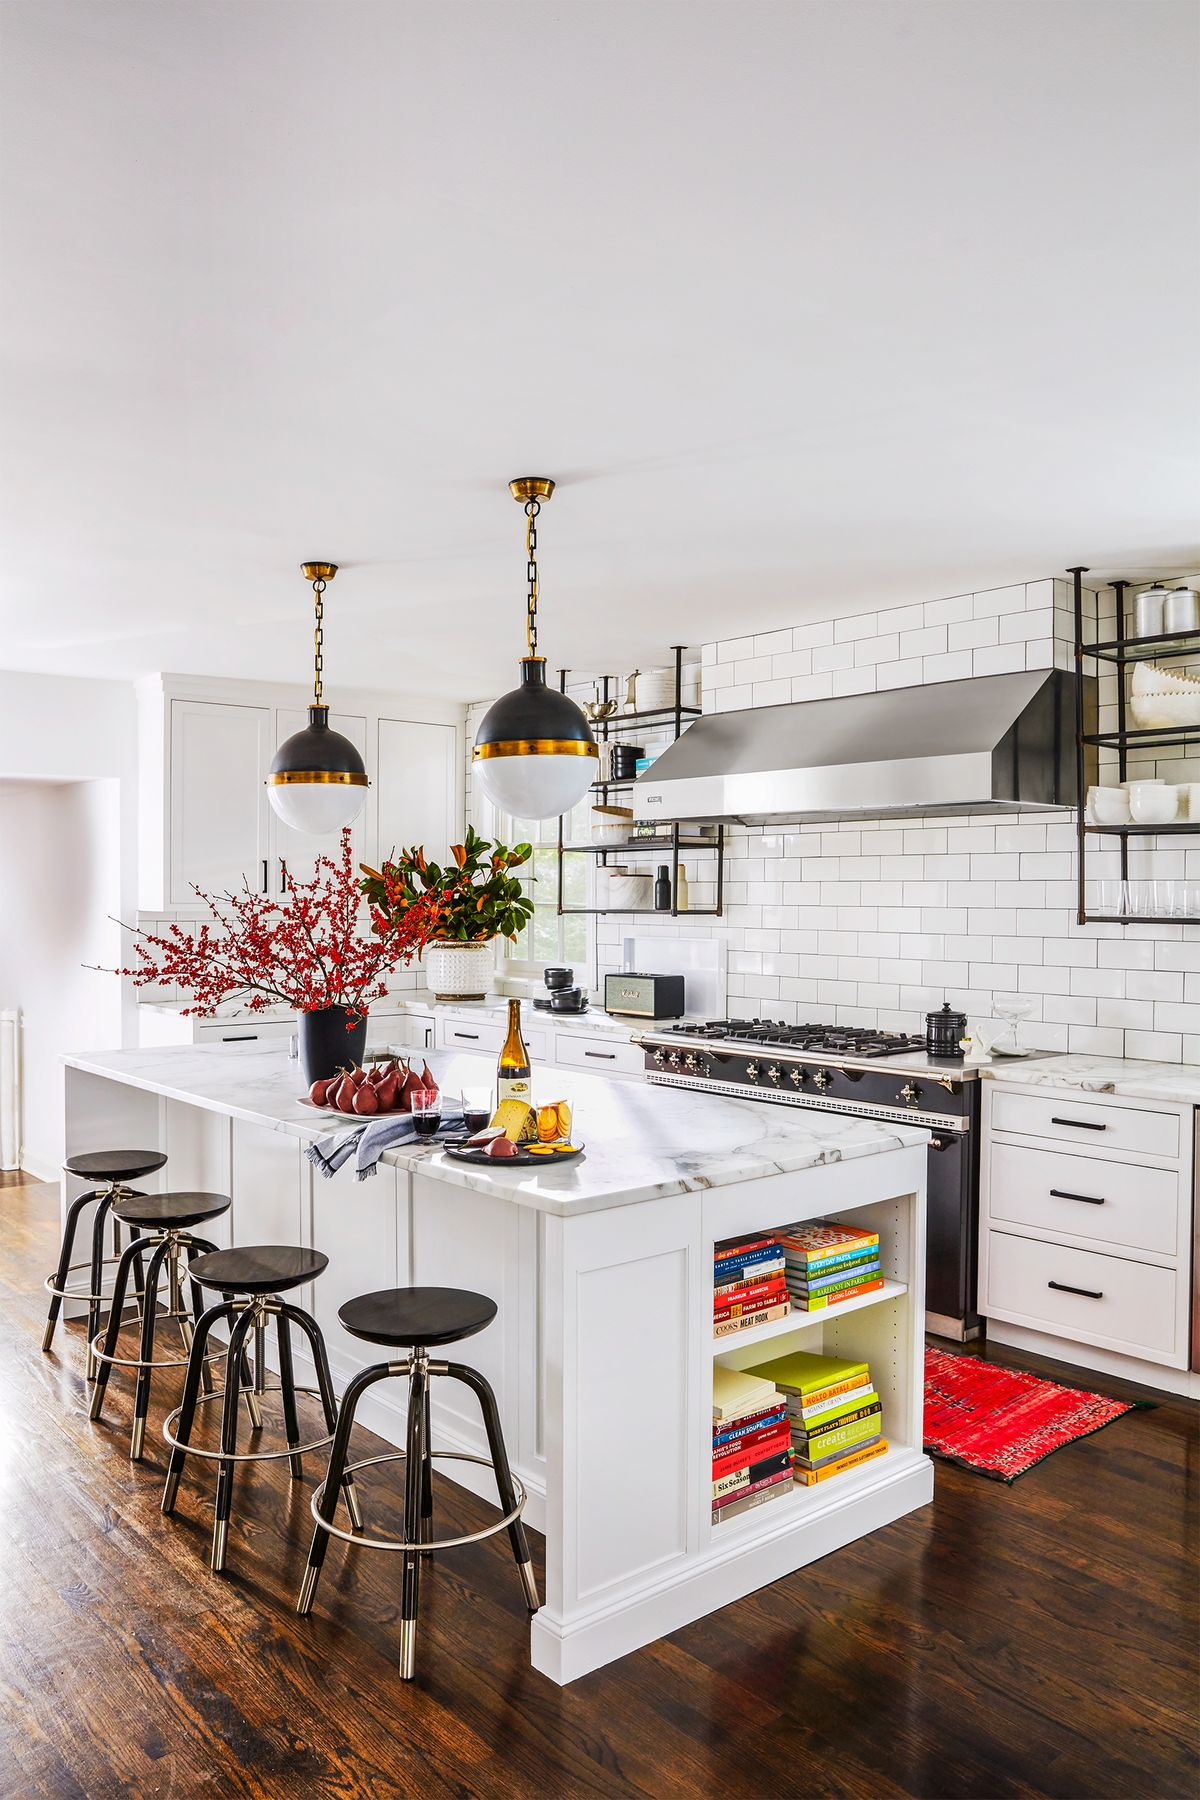 20 White Kitchen Design Ideas Decorating White Kitchens